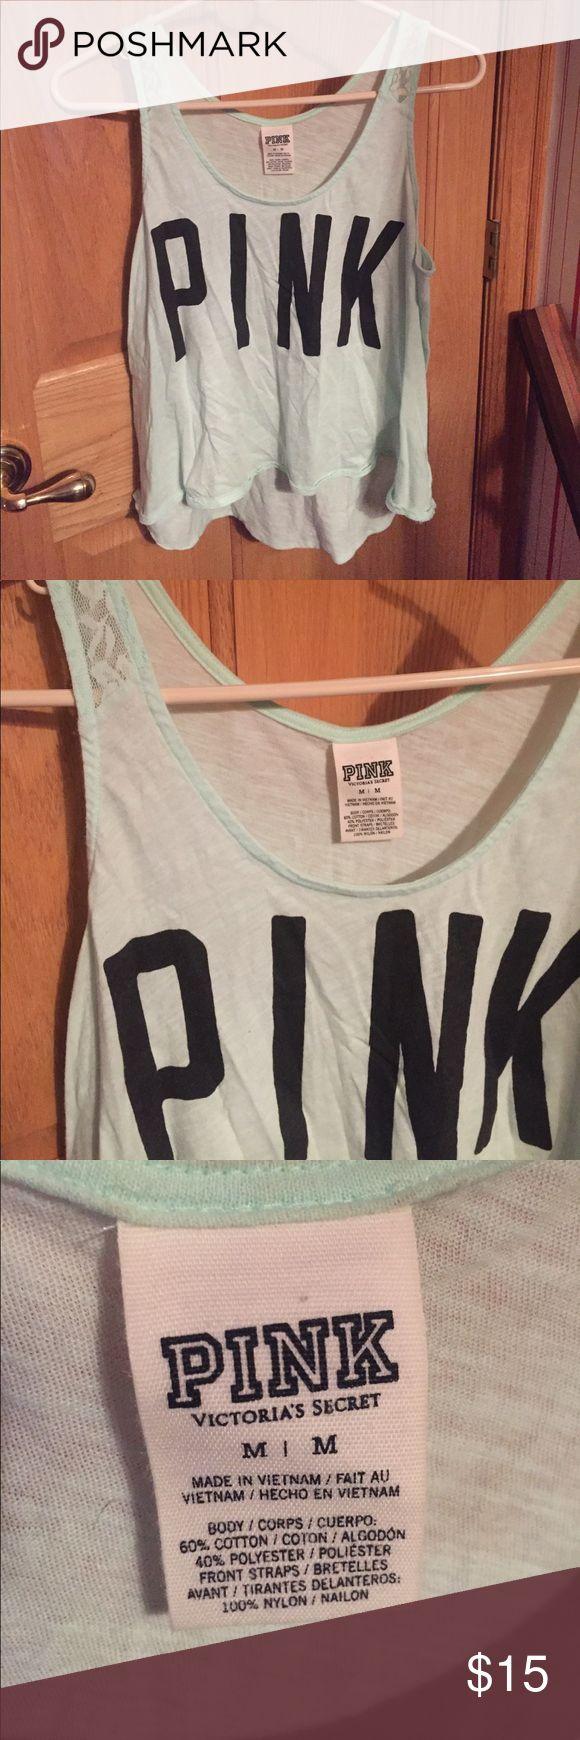 Victoria Secret Pink tank Victoria Secret Pink tank. Size medium. Color: mint green Victoria's Secret Tops Tank Tops